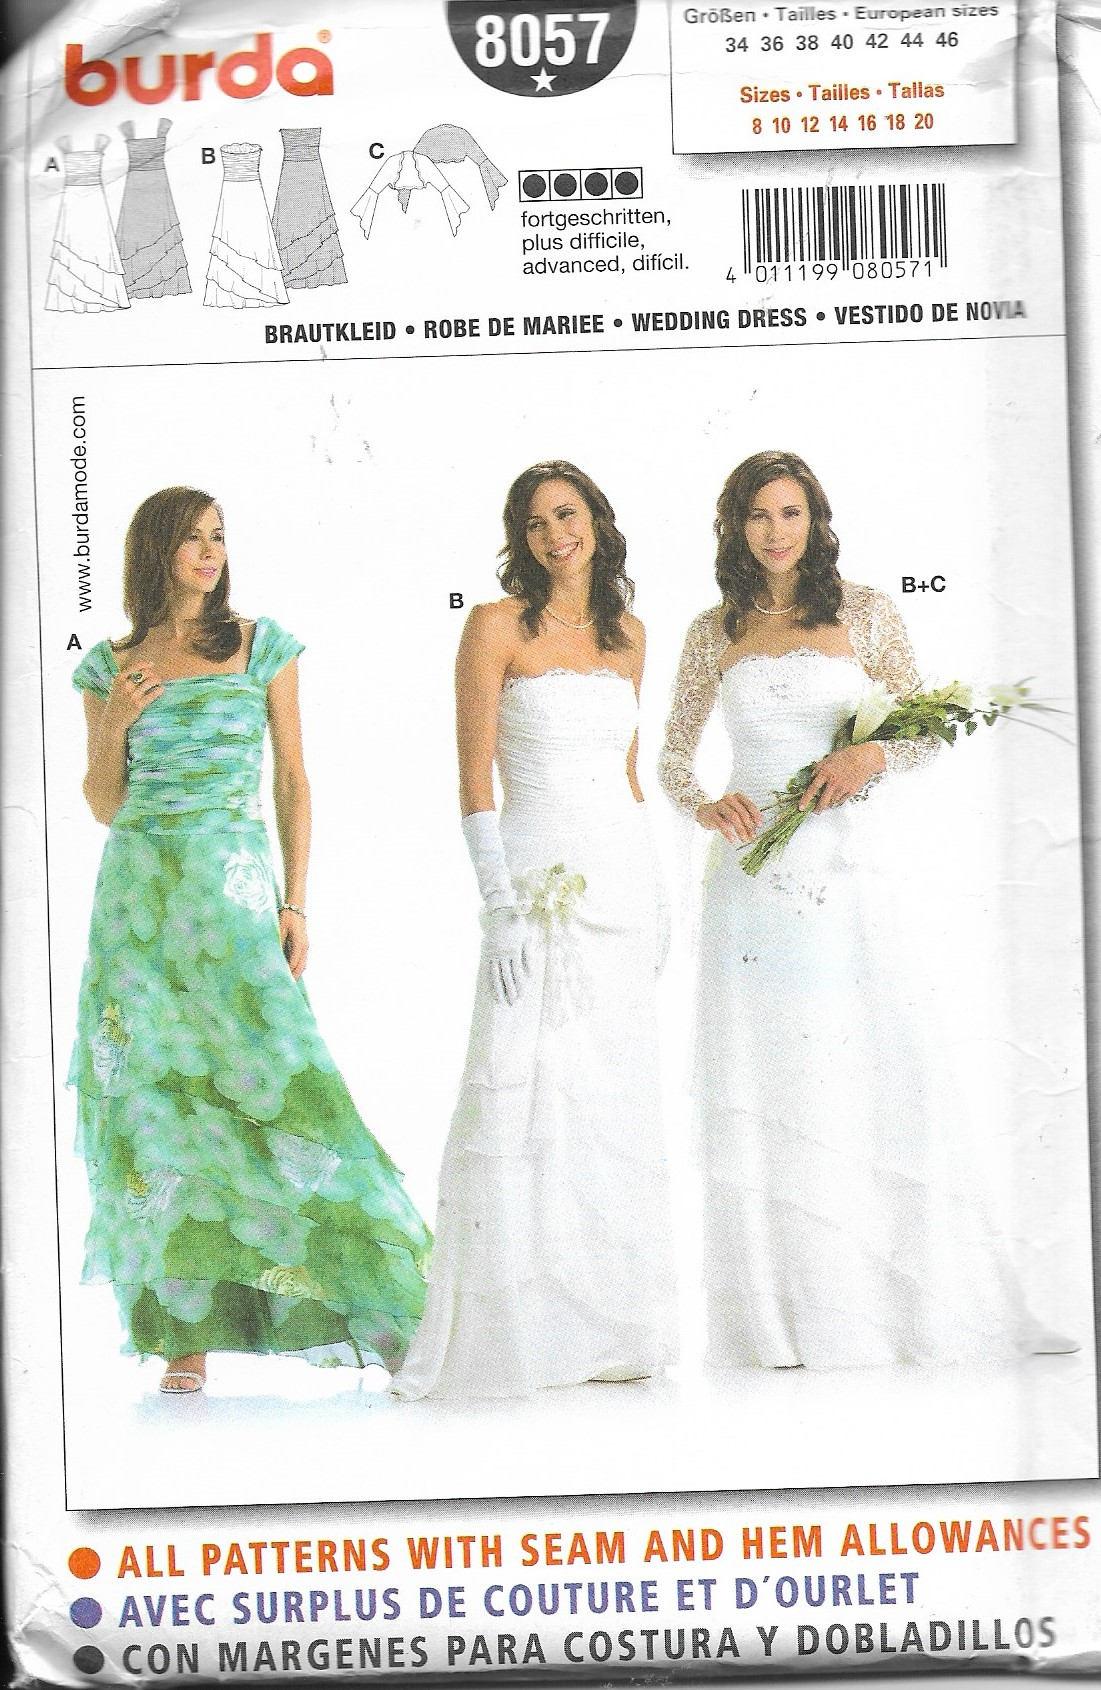 Stunning uncut sewing pattern burda 8057 wedding dress sold by everypictellsastory jeuxipadfo Choice Image